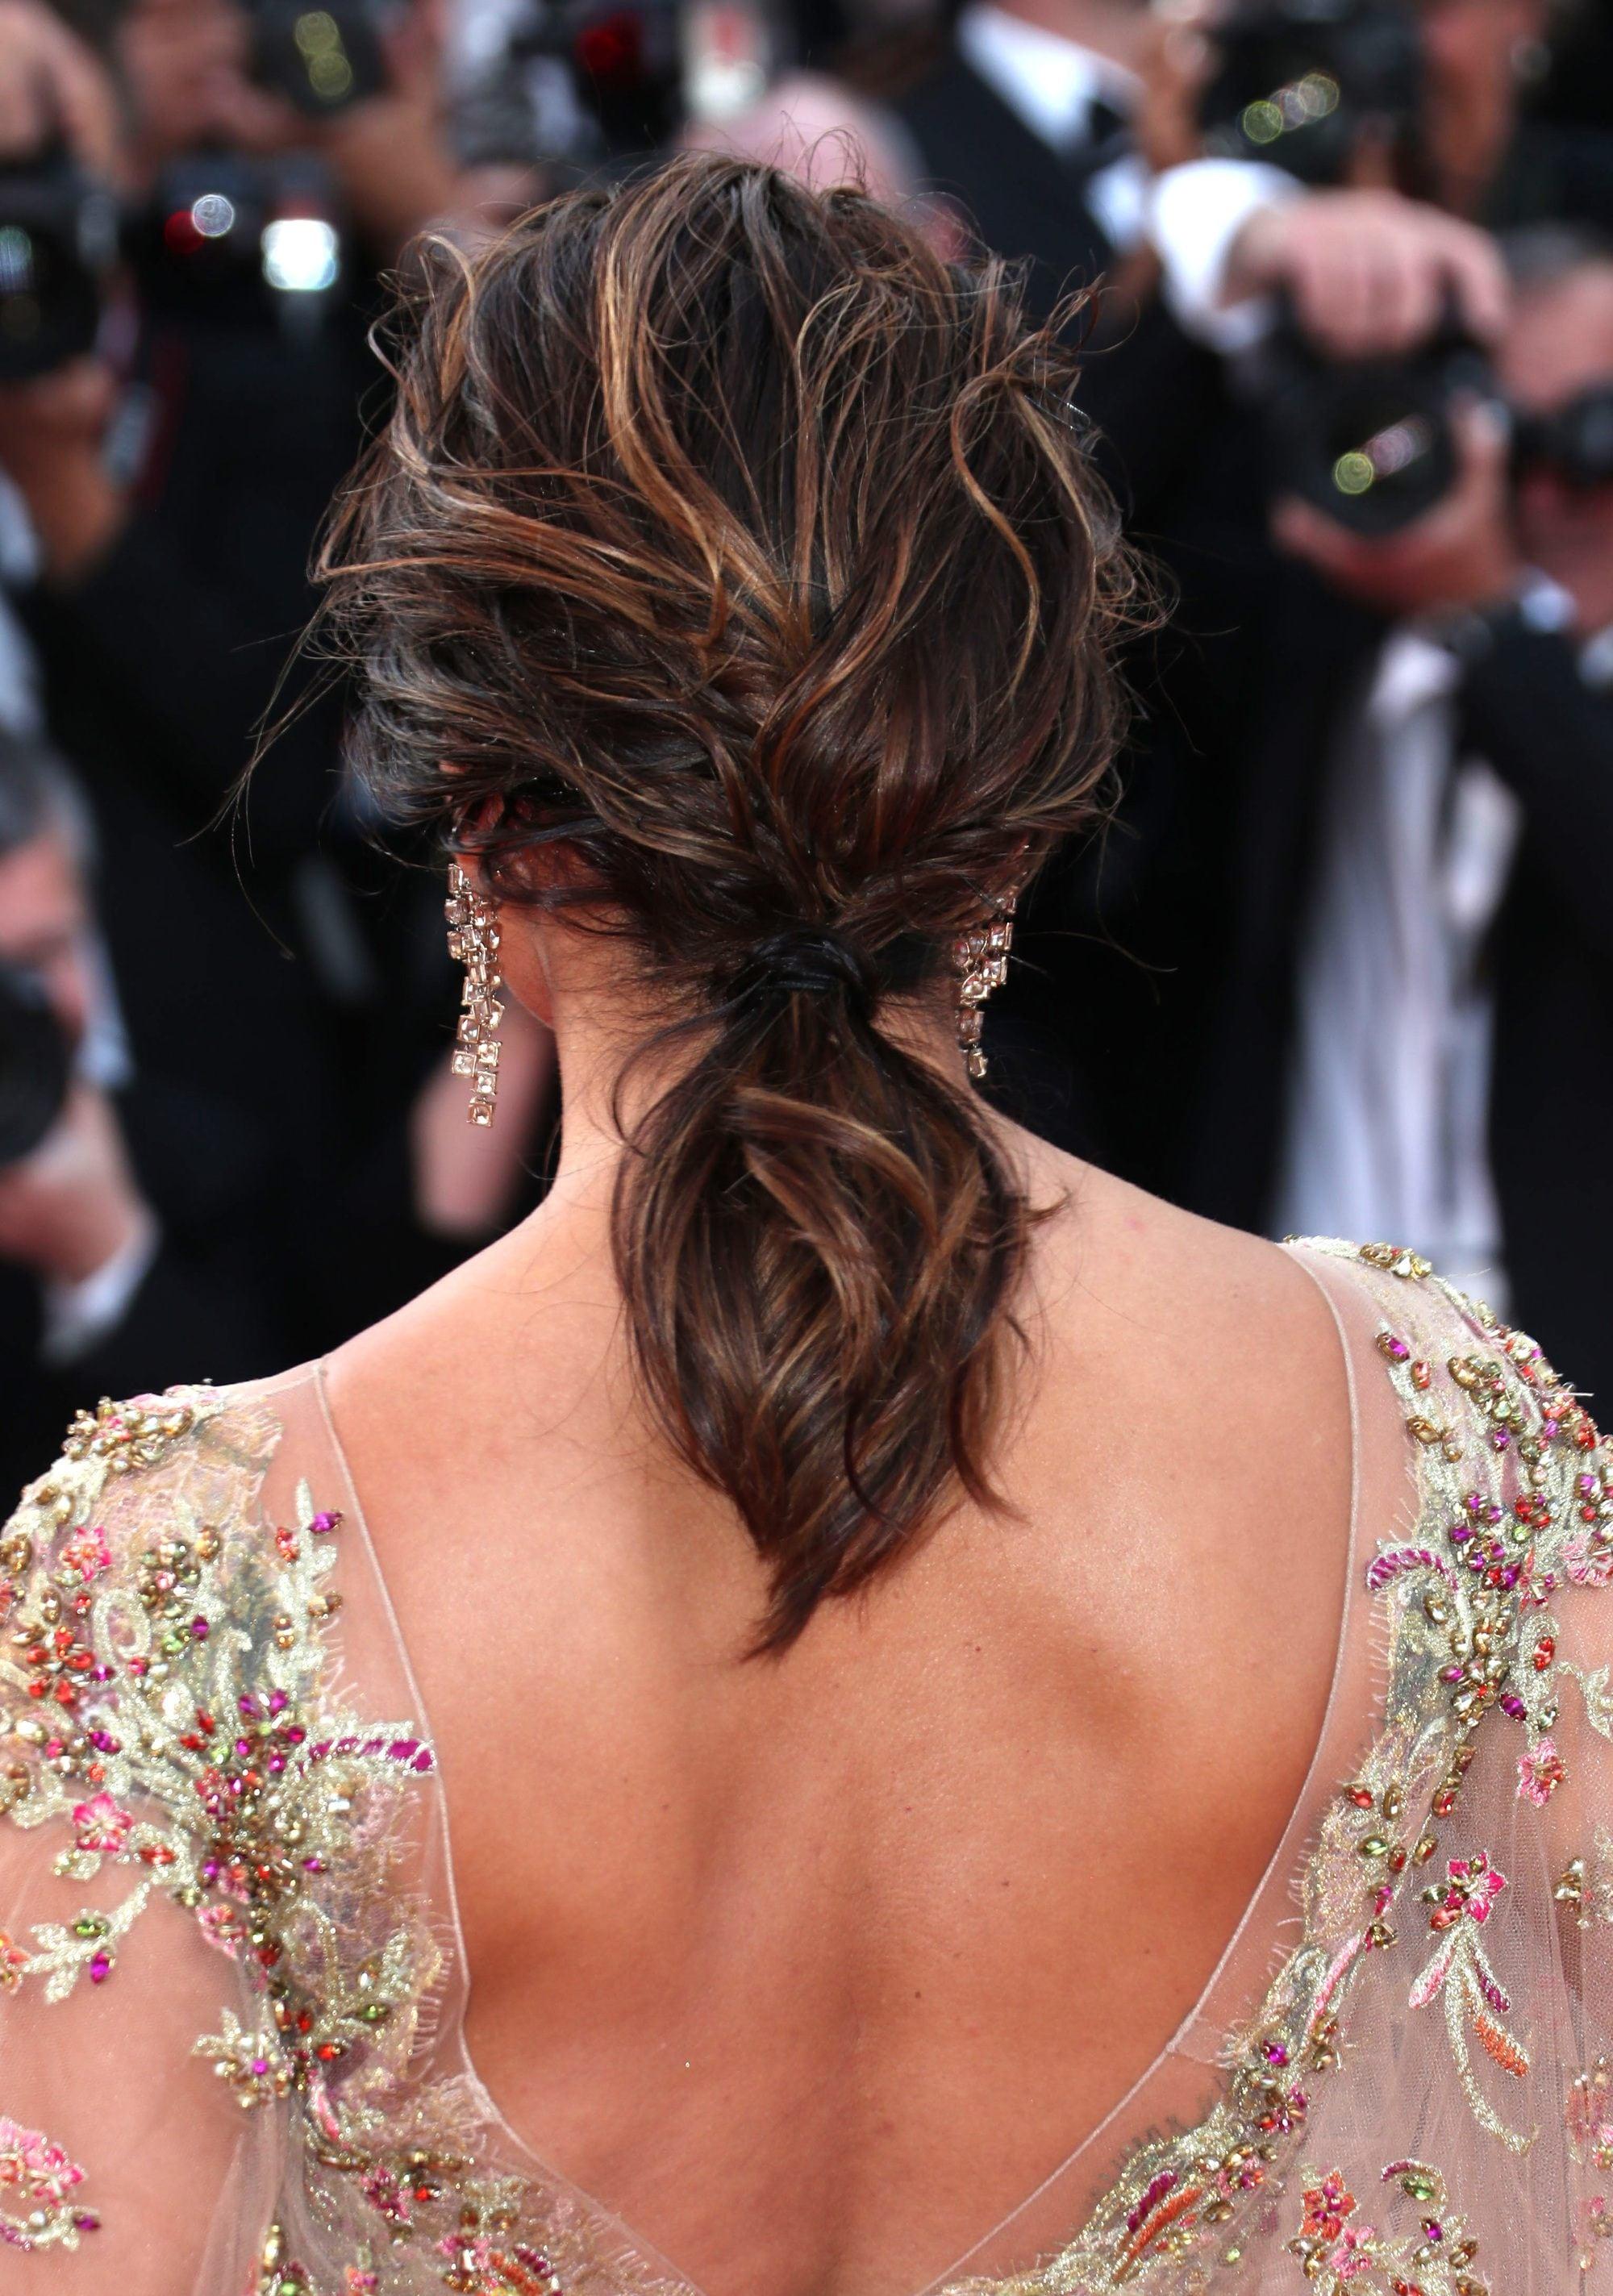 mujer con pelo con ondas recogido cabello castaño de espaldas